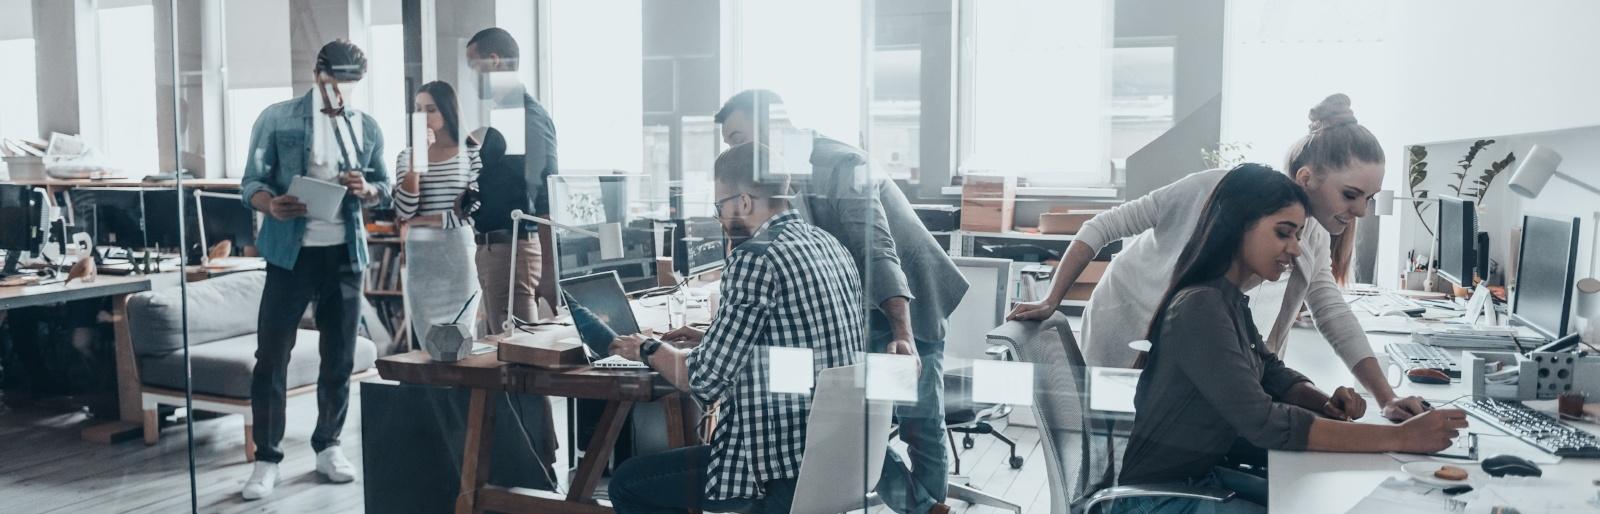 people-working-in-office.jpg